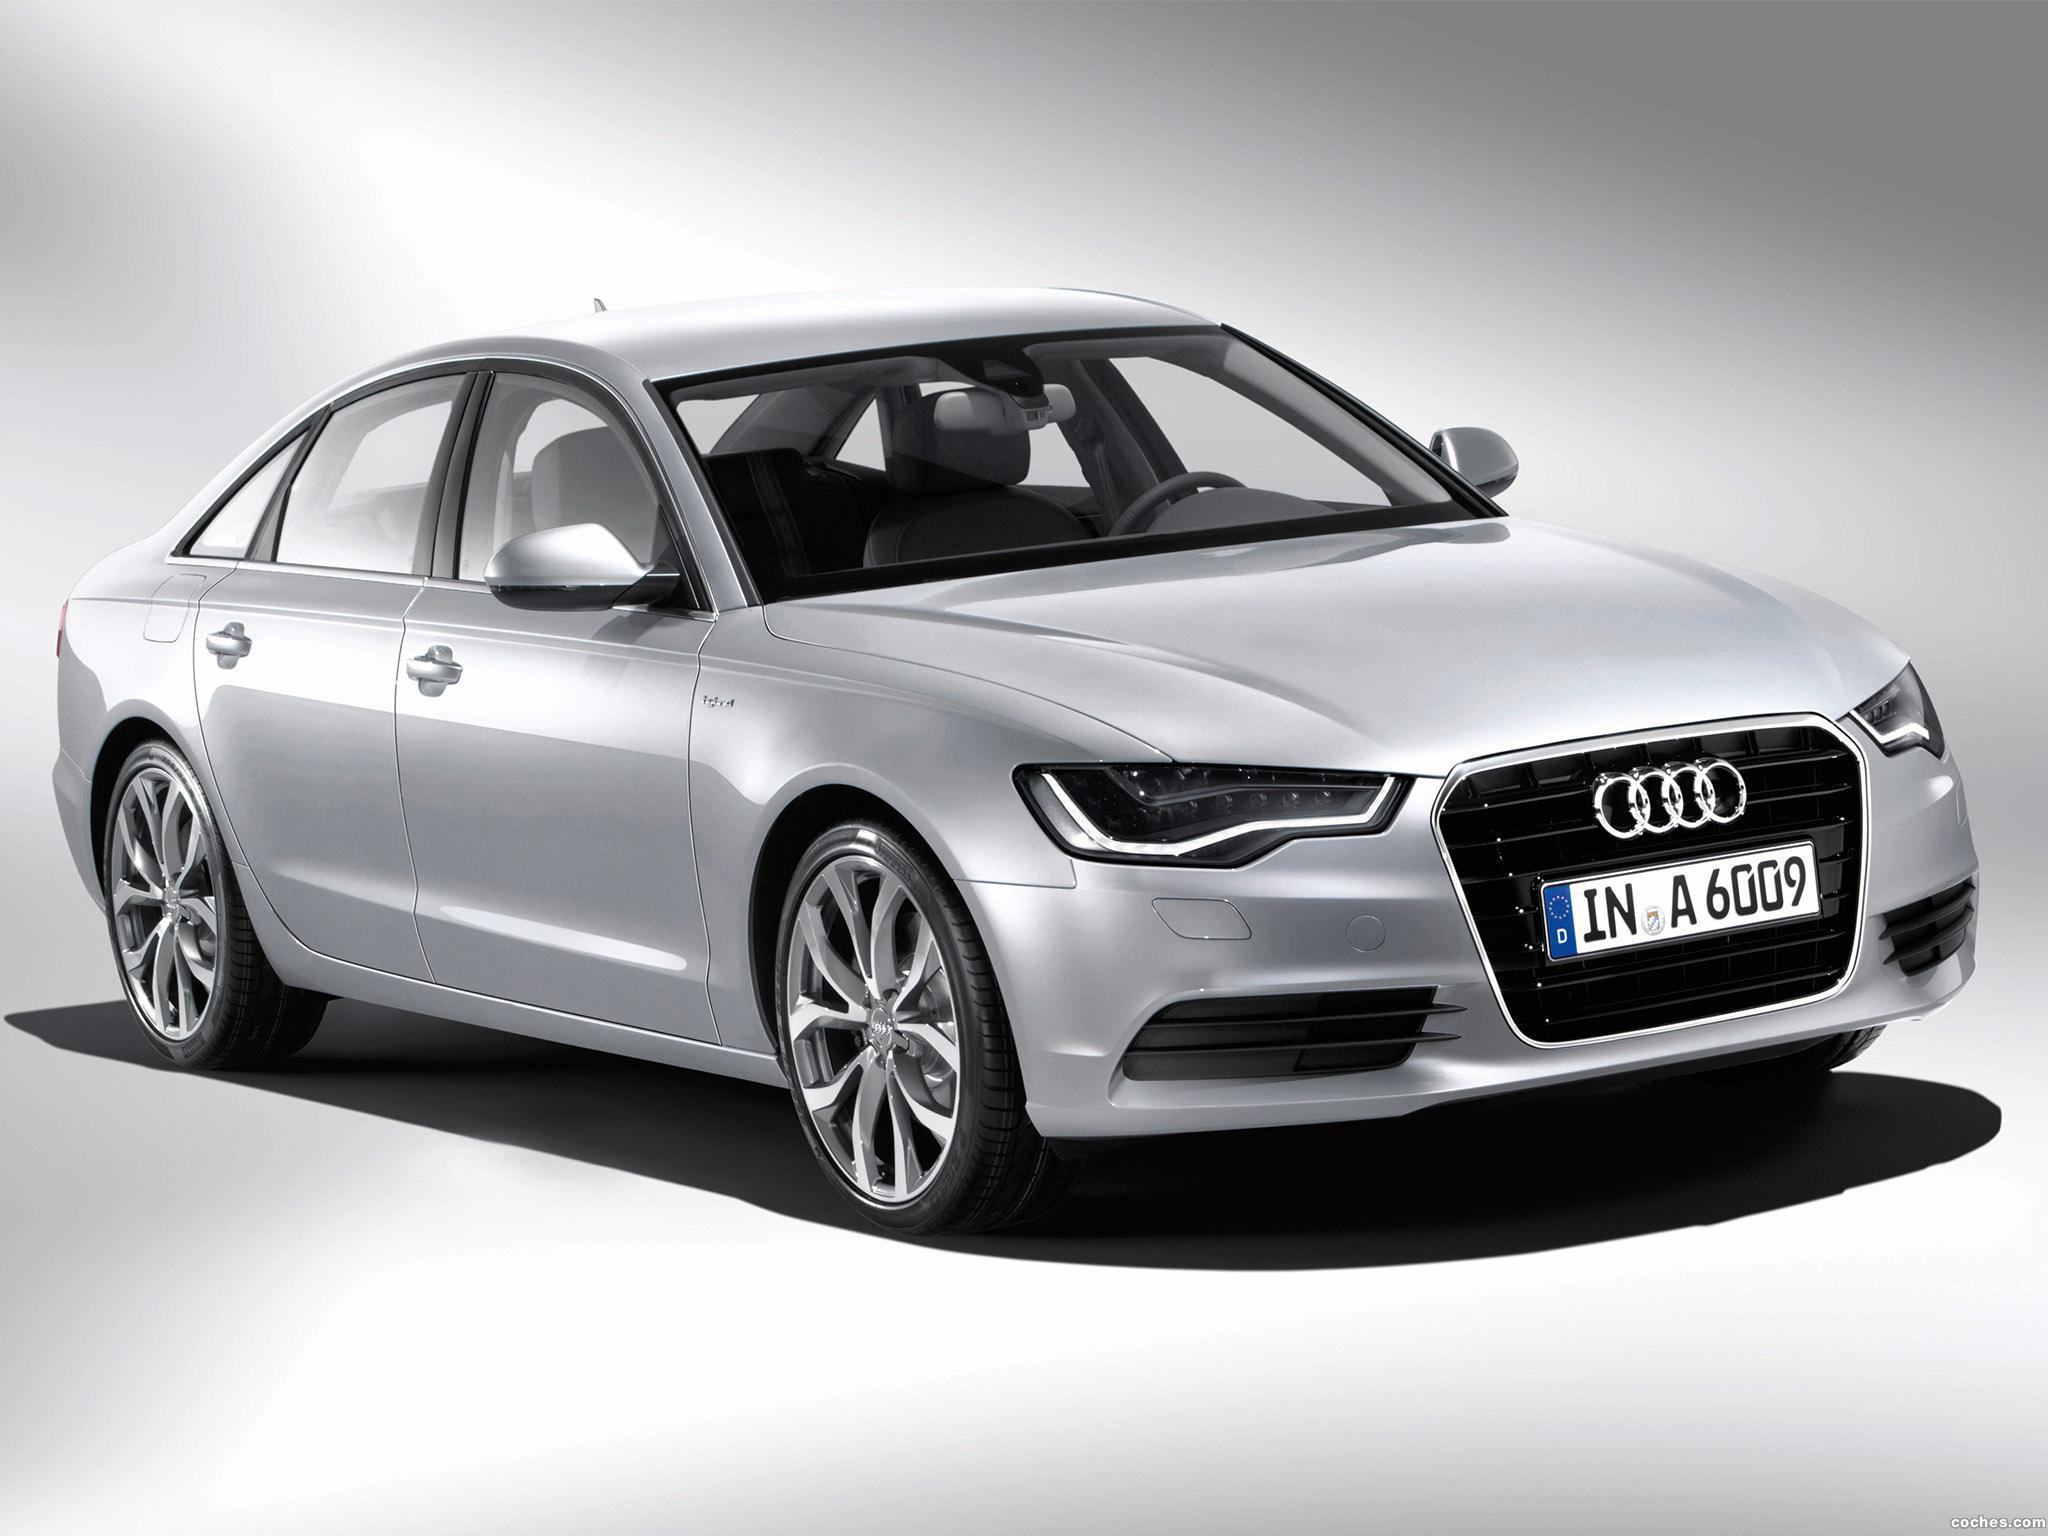 Foto 0 de Audi A6 Hybrid 2011